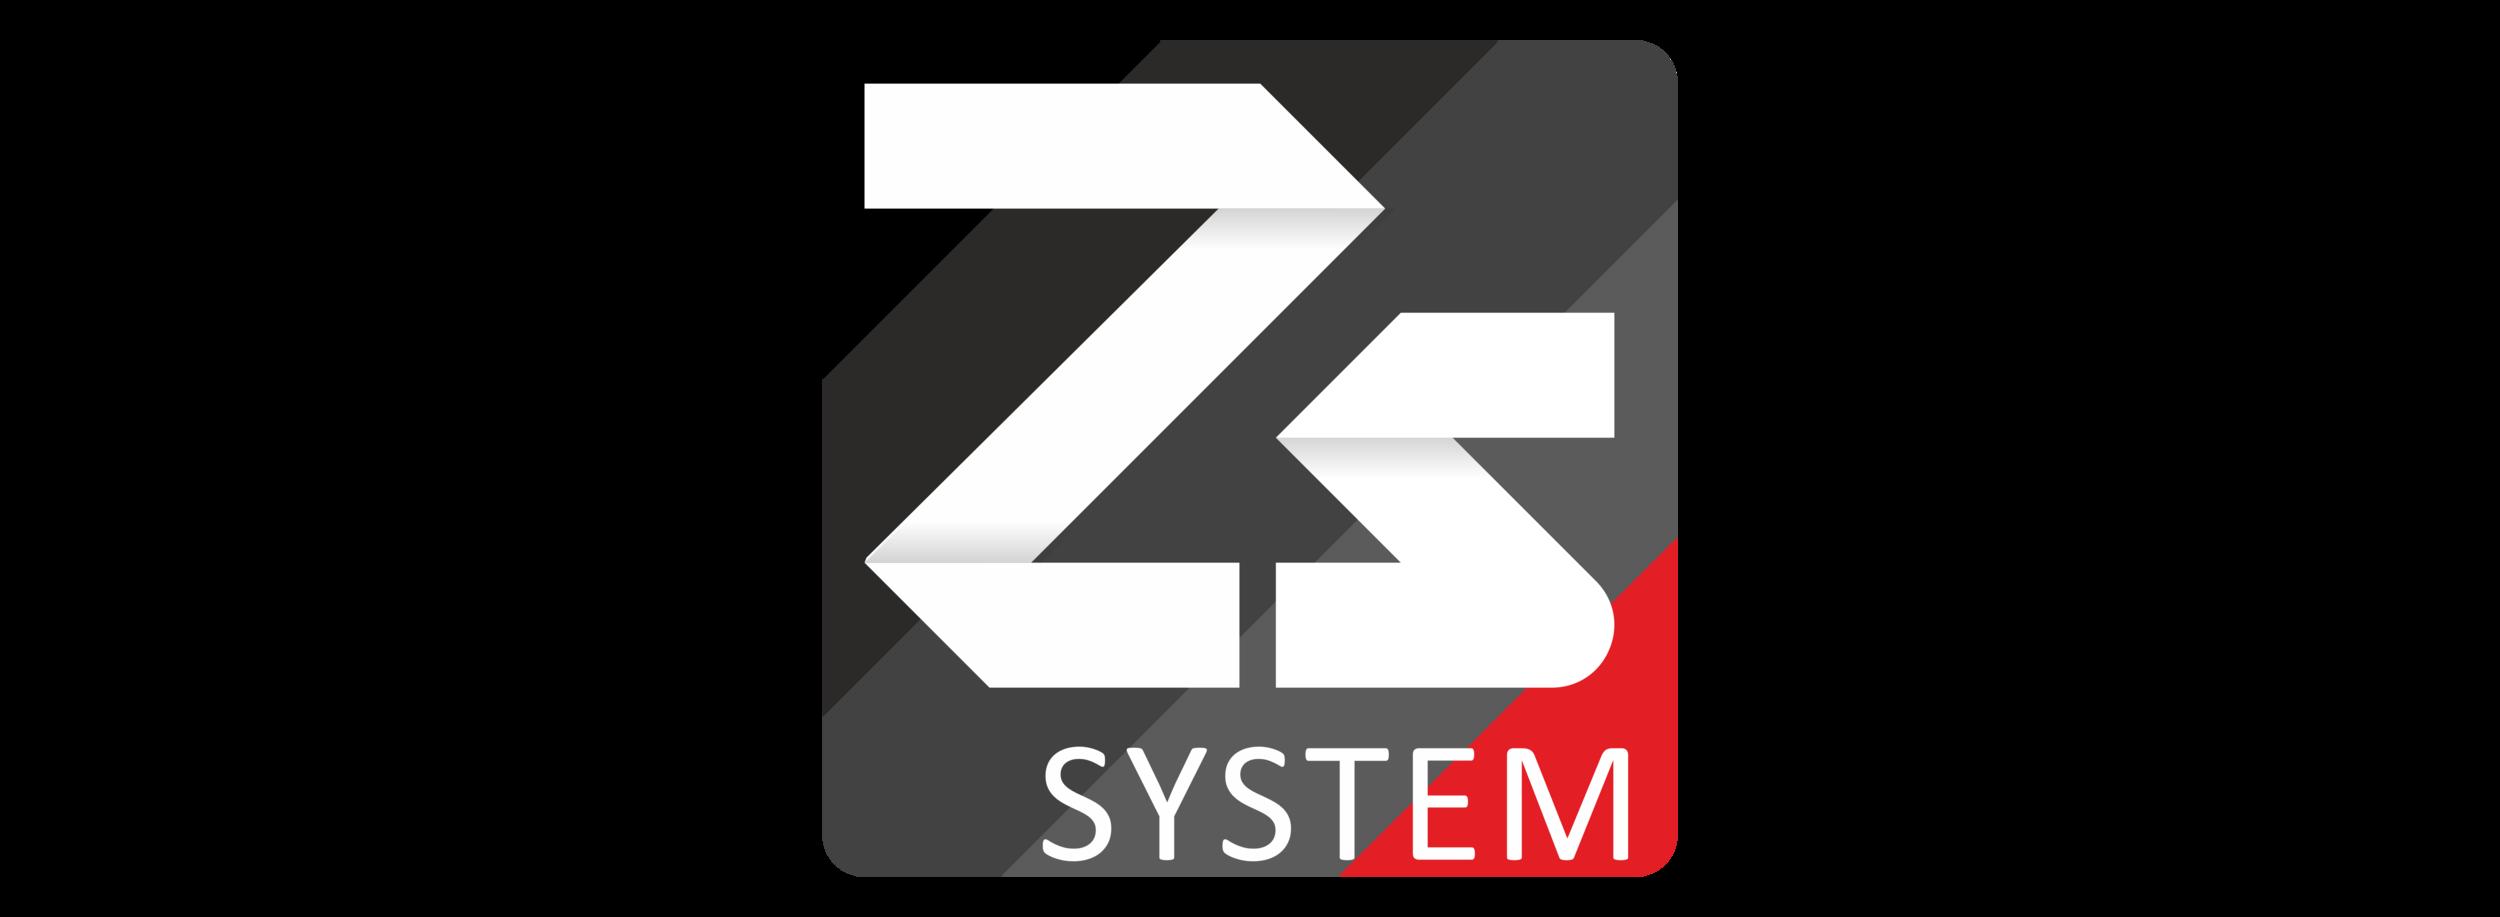 zorki_wide_logo.png